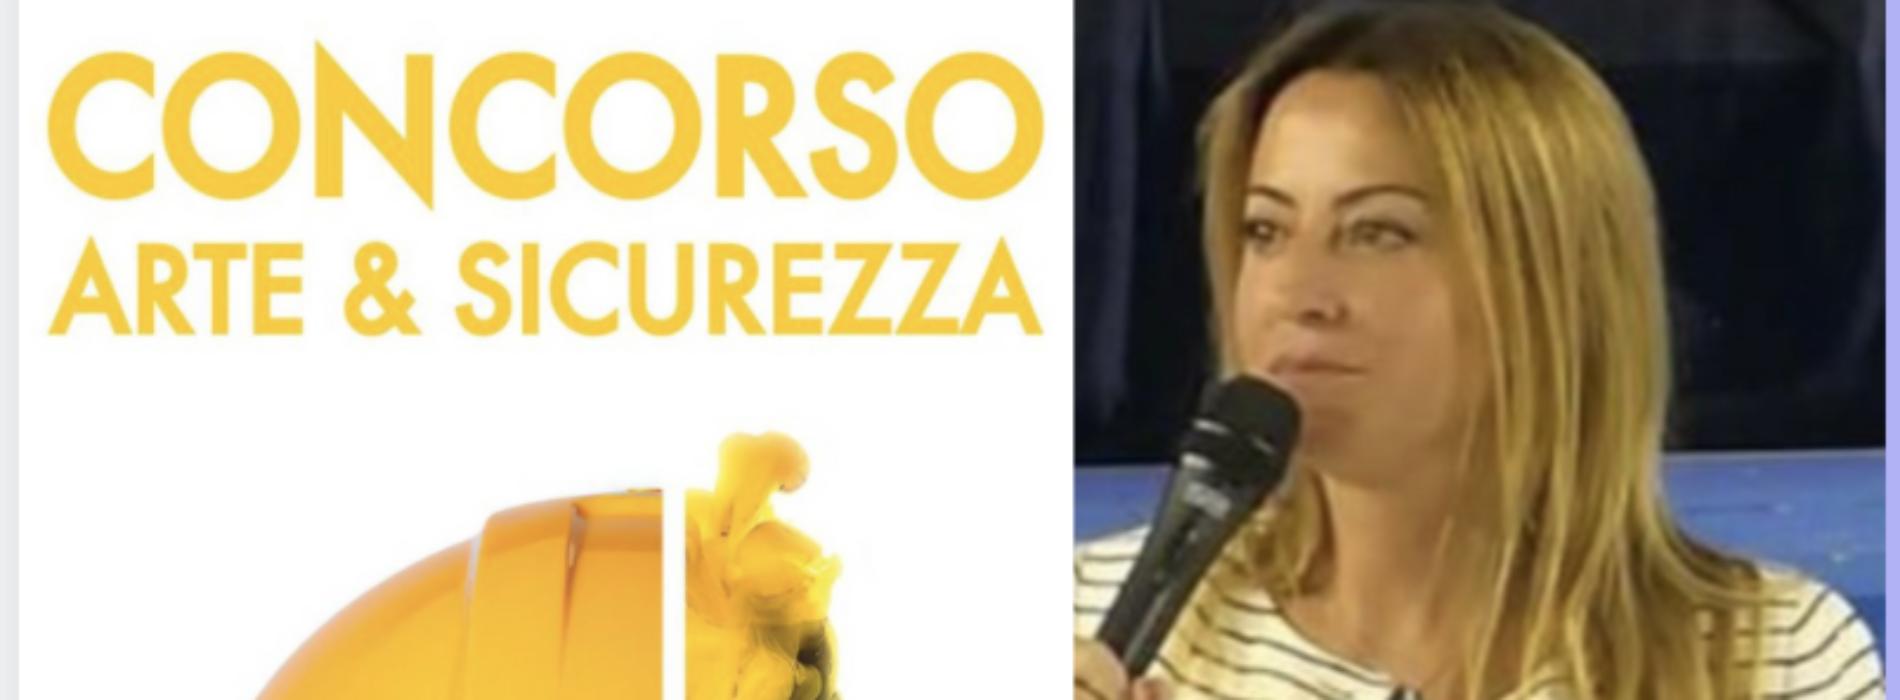 Arte e sicurezza, il bando regionale dell'assessore Lucia Fortini